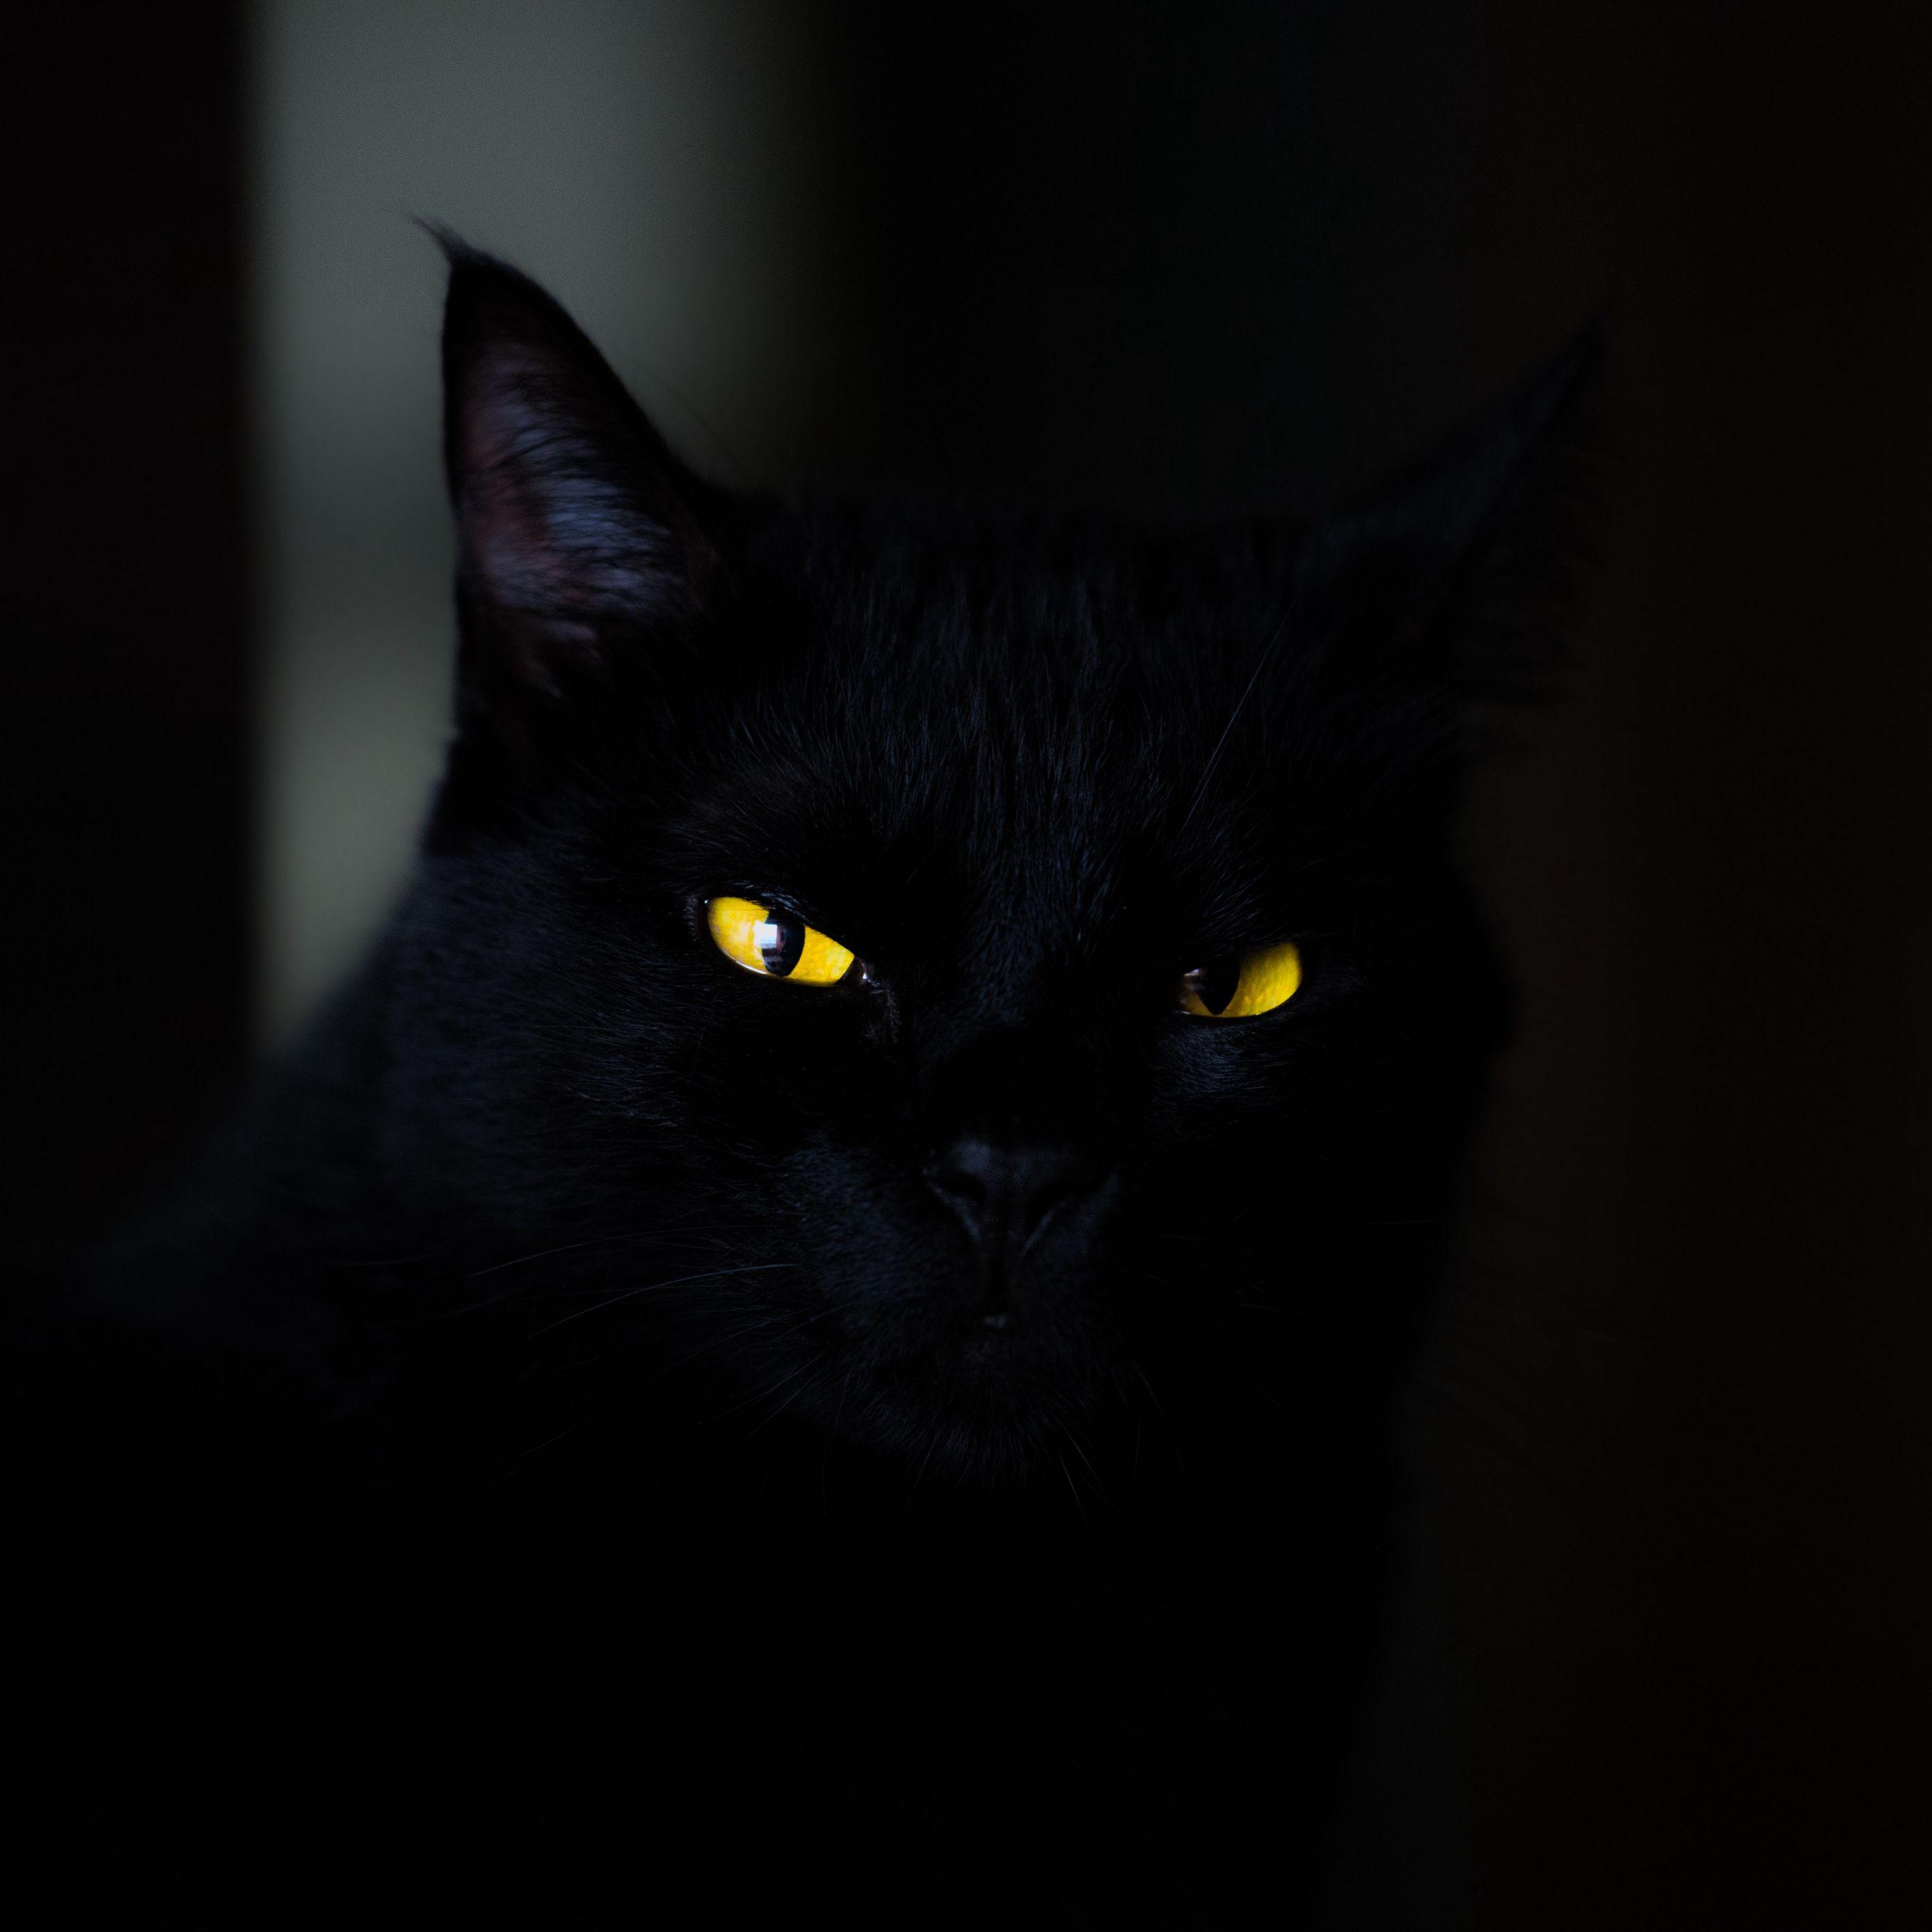 2780x2780 Обои кот, глаза, черный